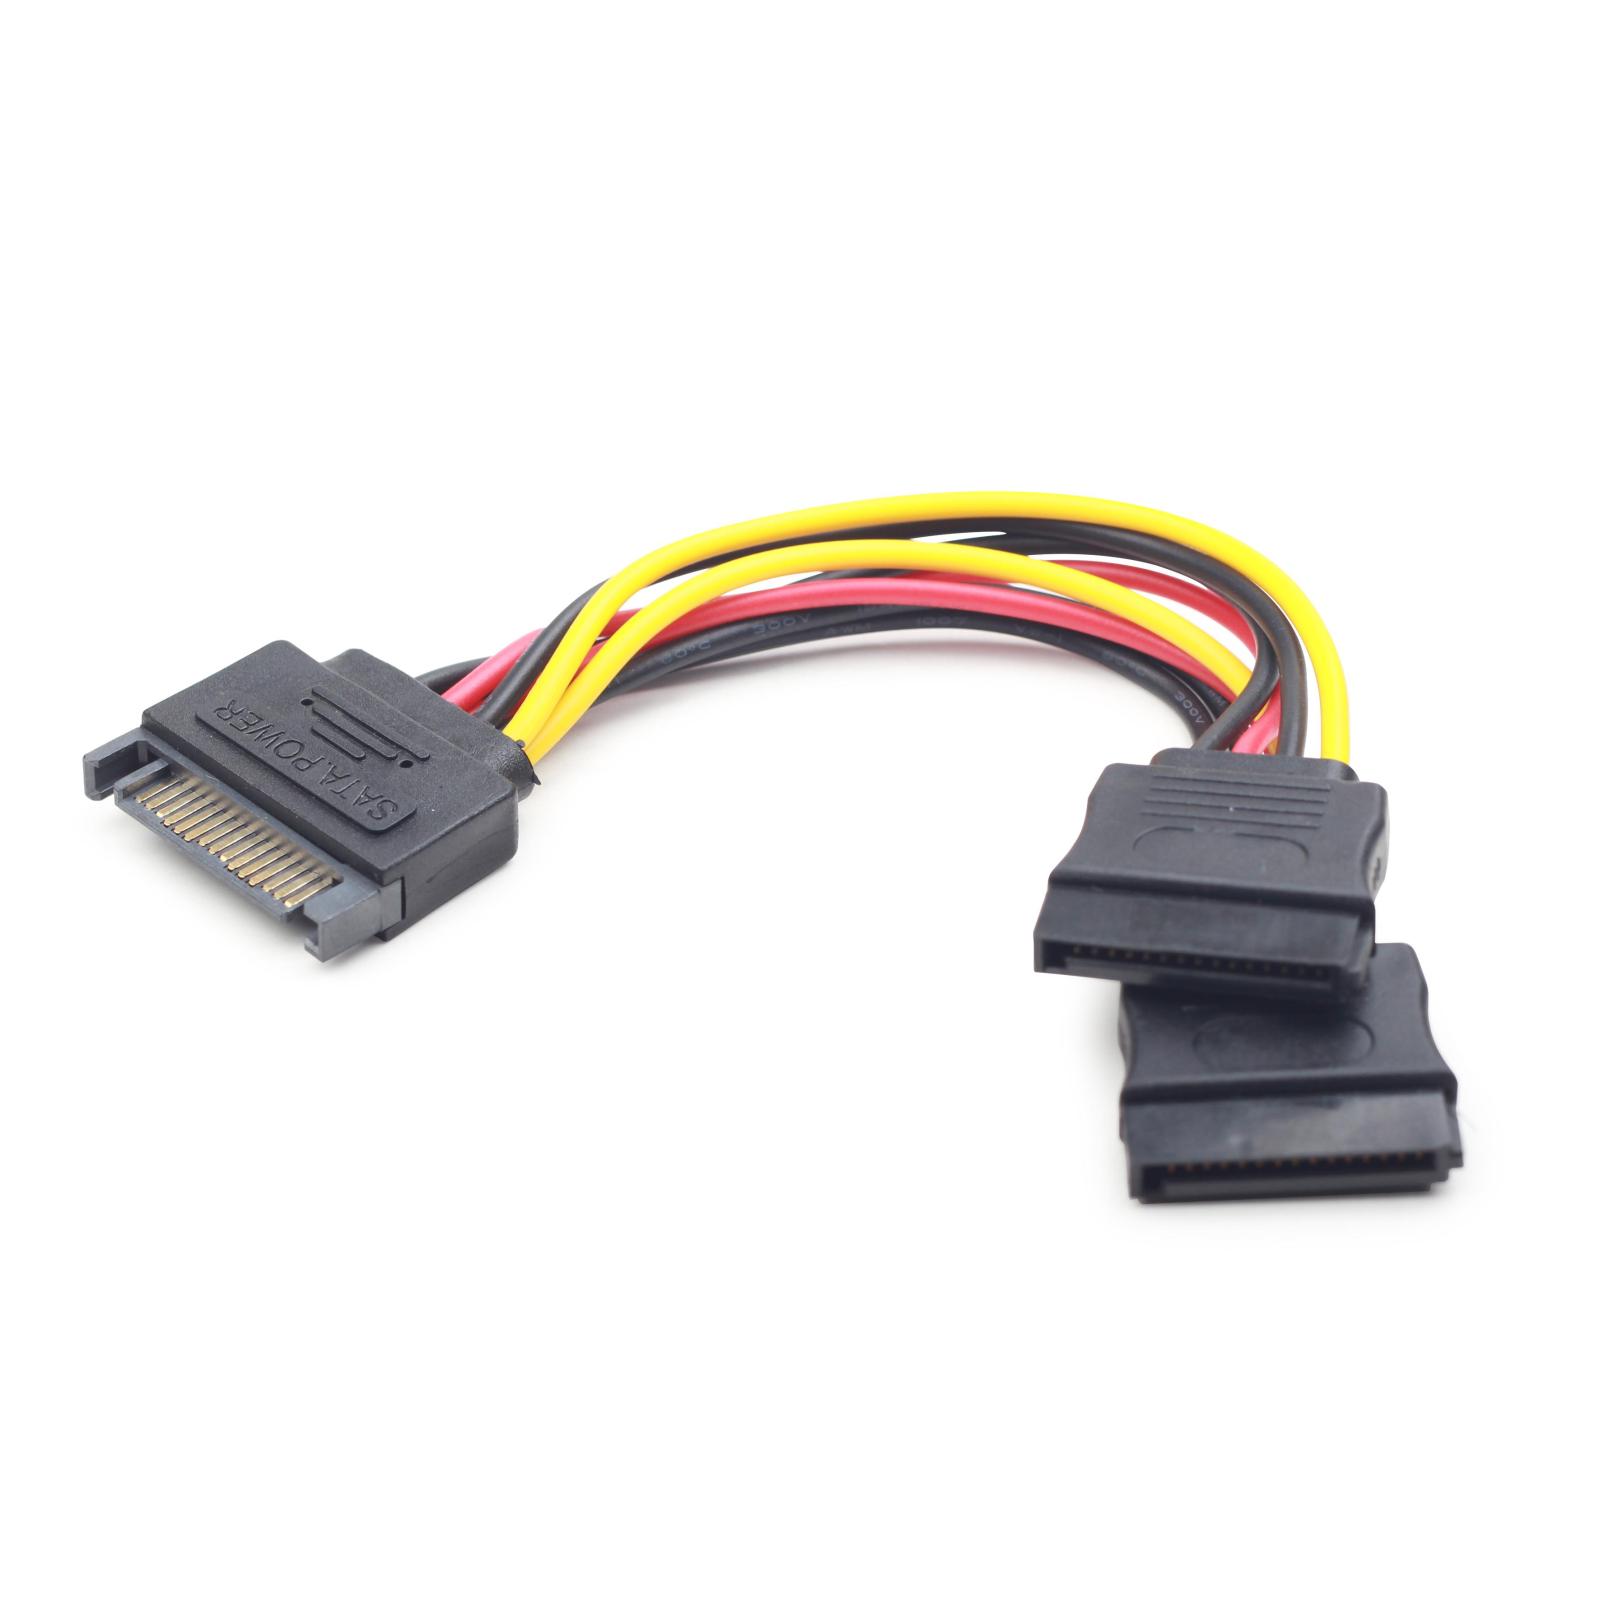 Кабель питания SATA power 0.15m Cablexpert (CC-SATAM2F-01) изображение 2